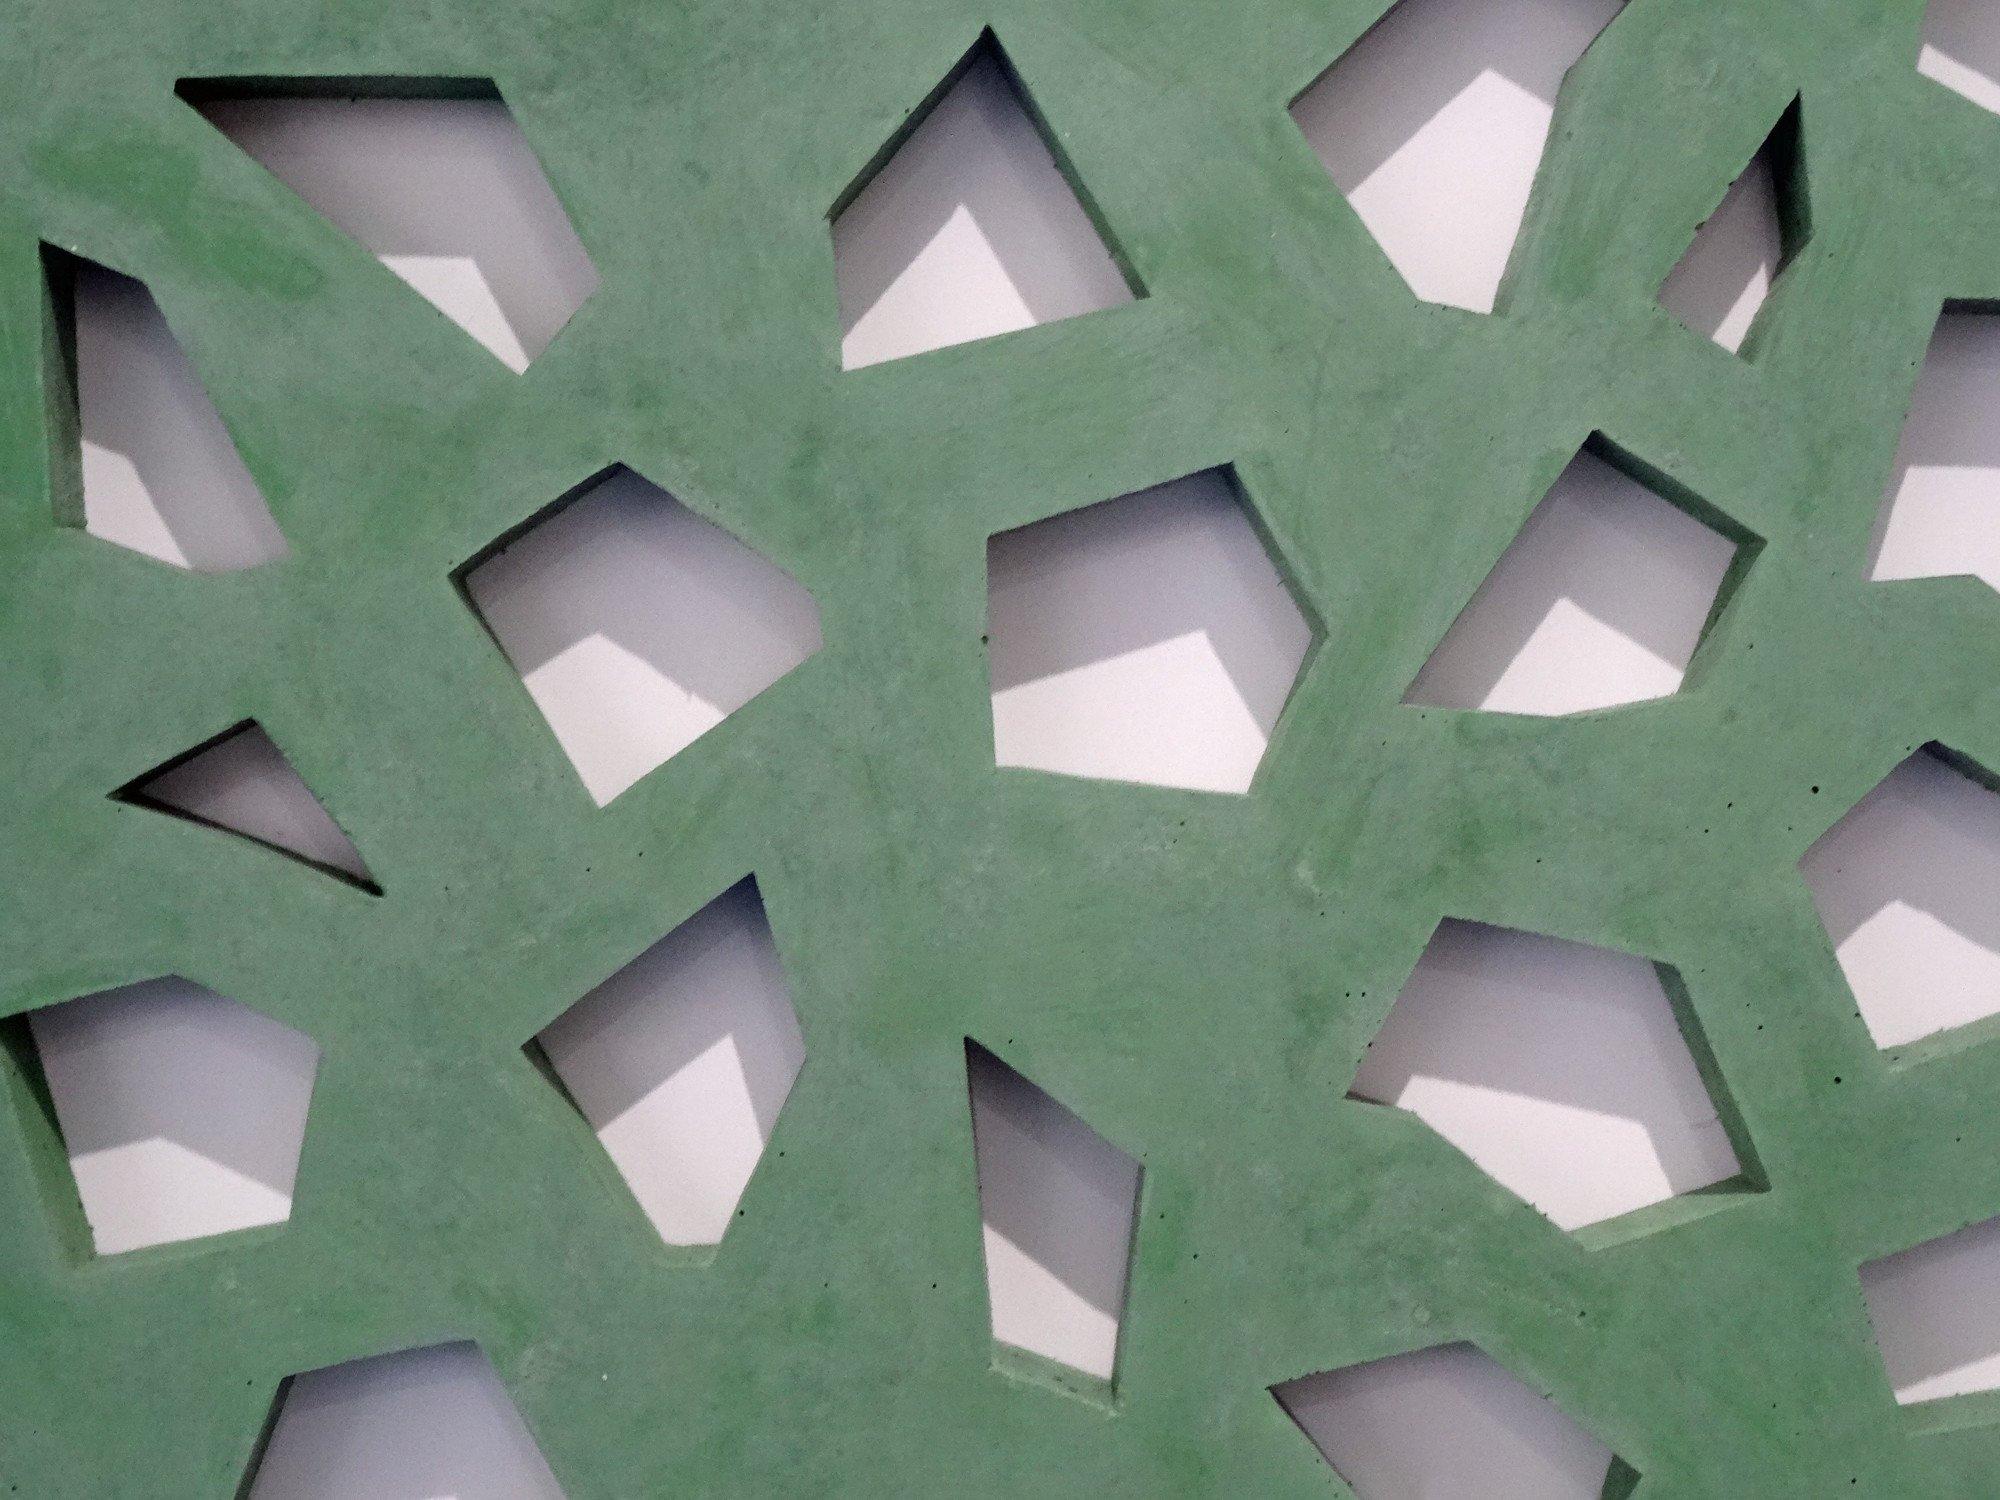 Farbiger Beton Beton Oberflächen BaunetzWissen - Farbige betonplatten